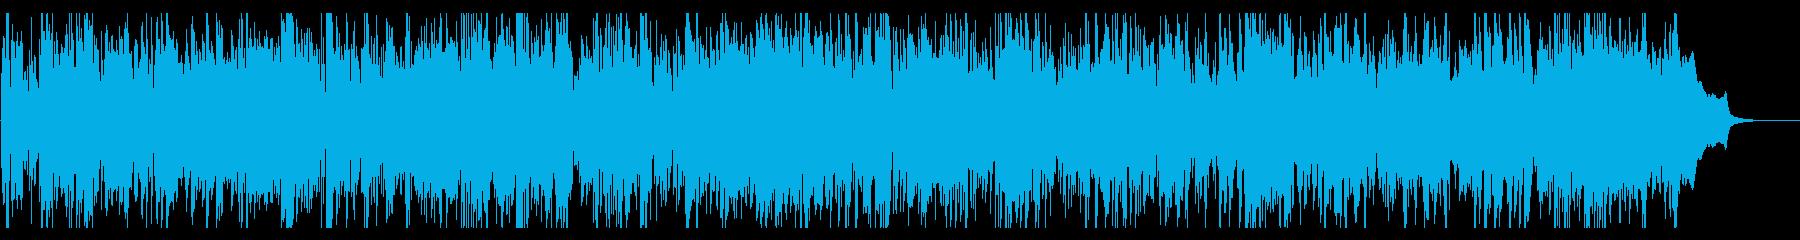 リズミカルなケルトバイオリンとアコギの再生済みの波形